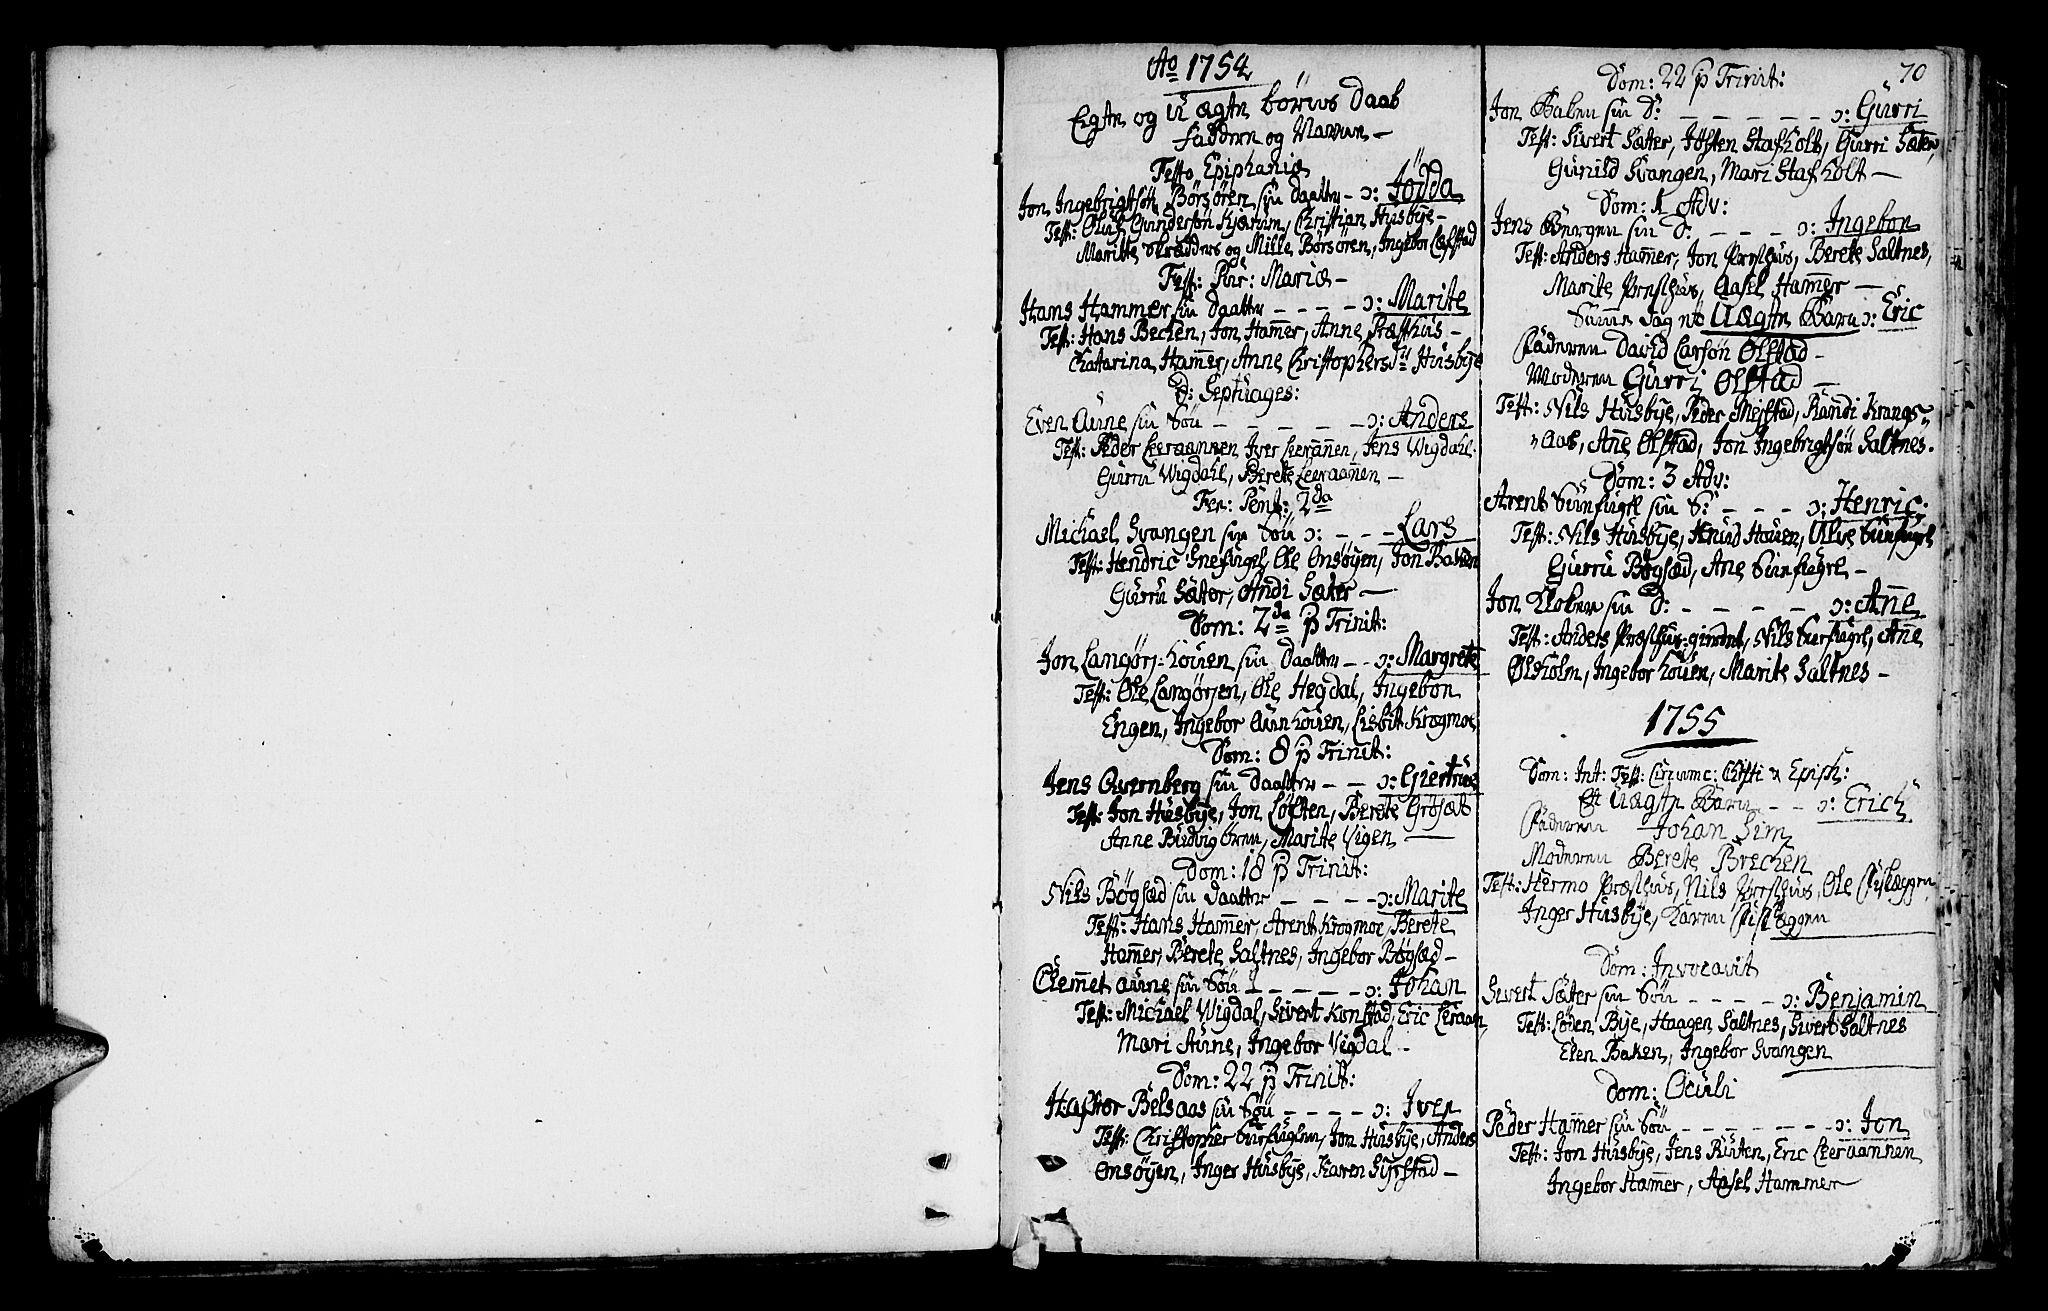 SAT, Ministerialprotokoller, klokkerbøker og fødselsregistre - Sør-Trøndelag, 666/L0784: Ministerialbok nr. 666A02, 1754-1802, s. 70